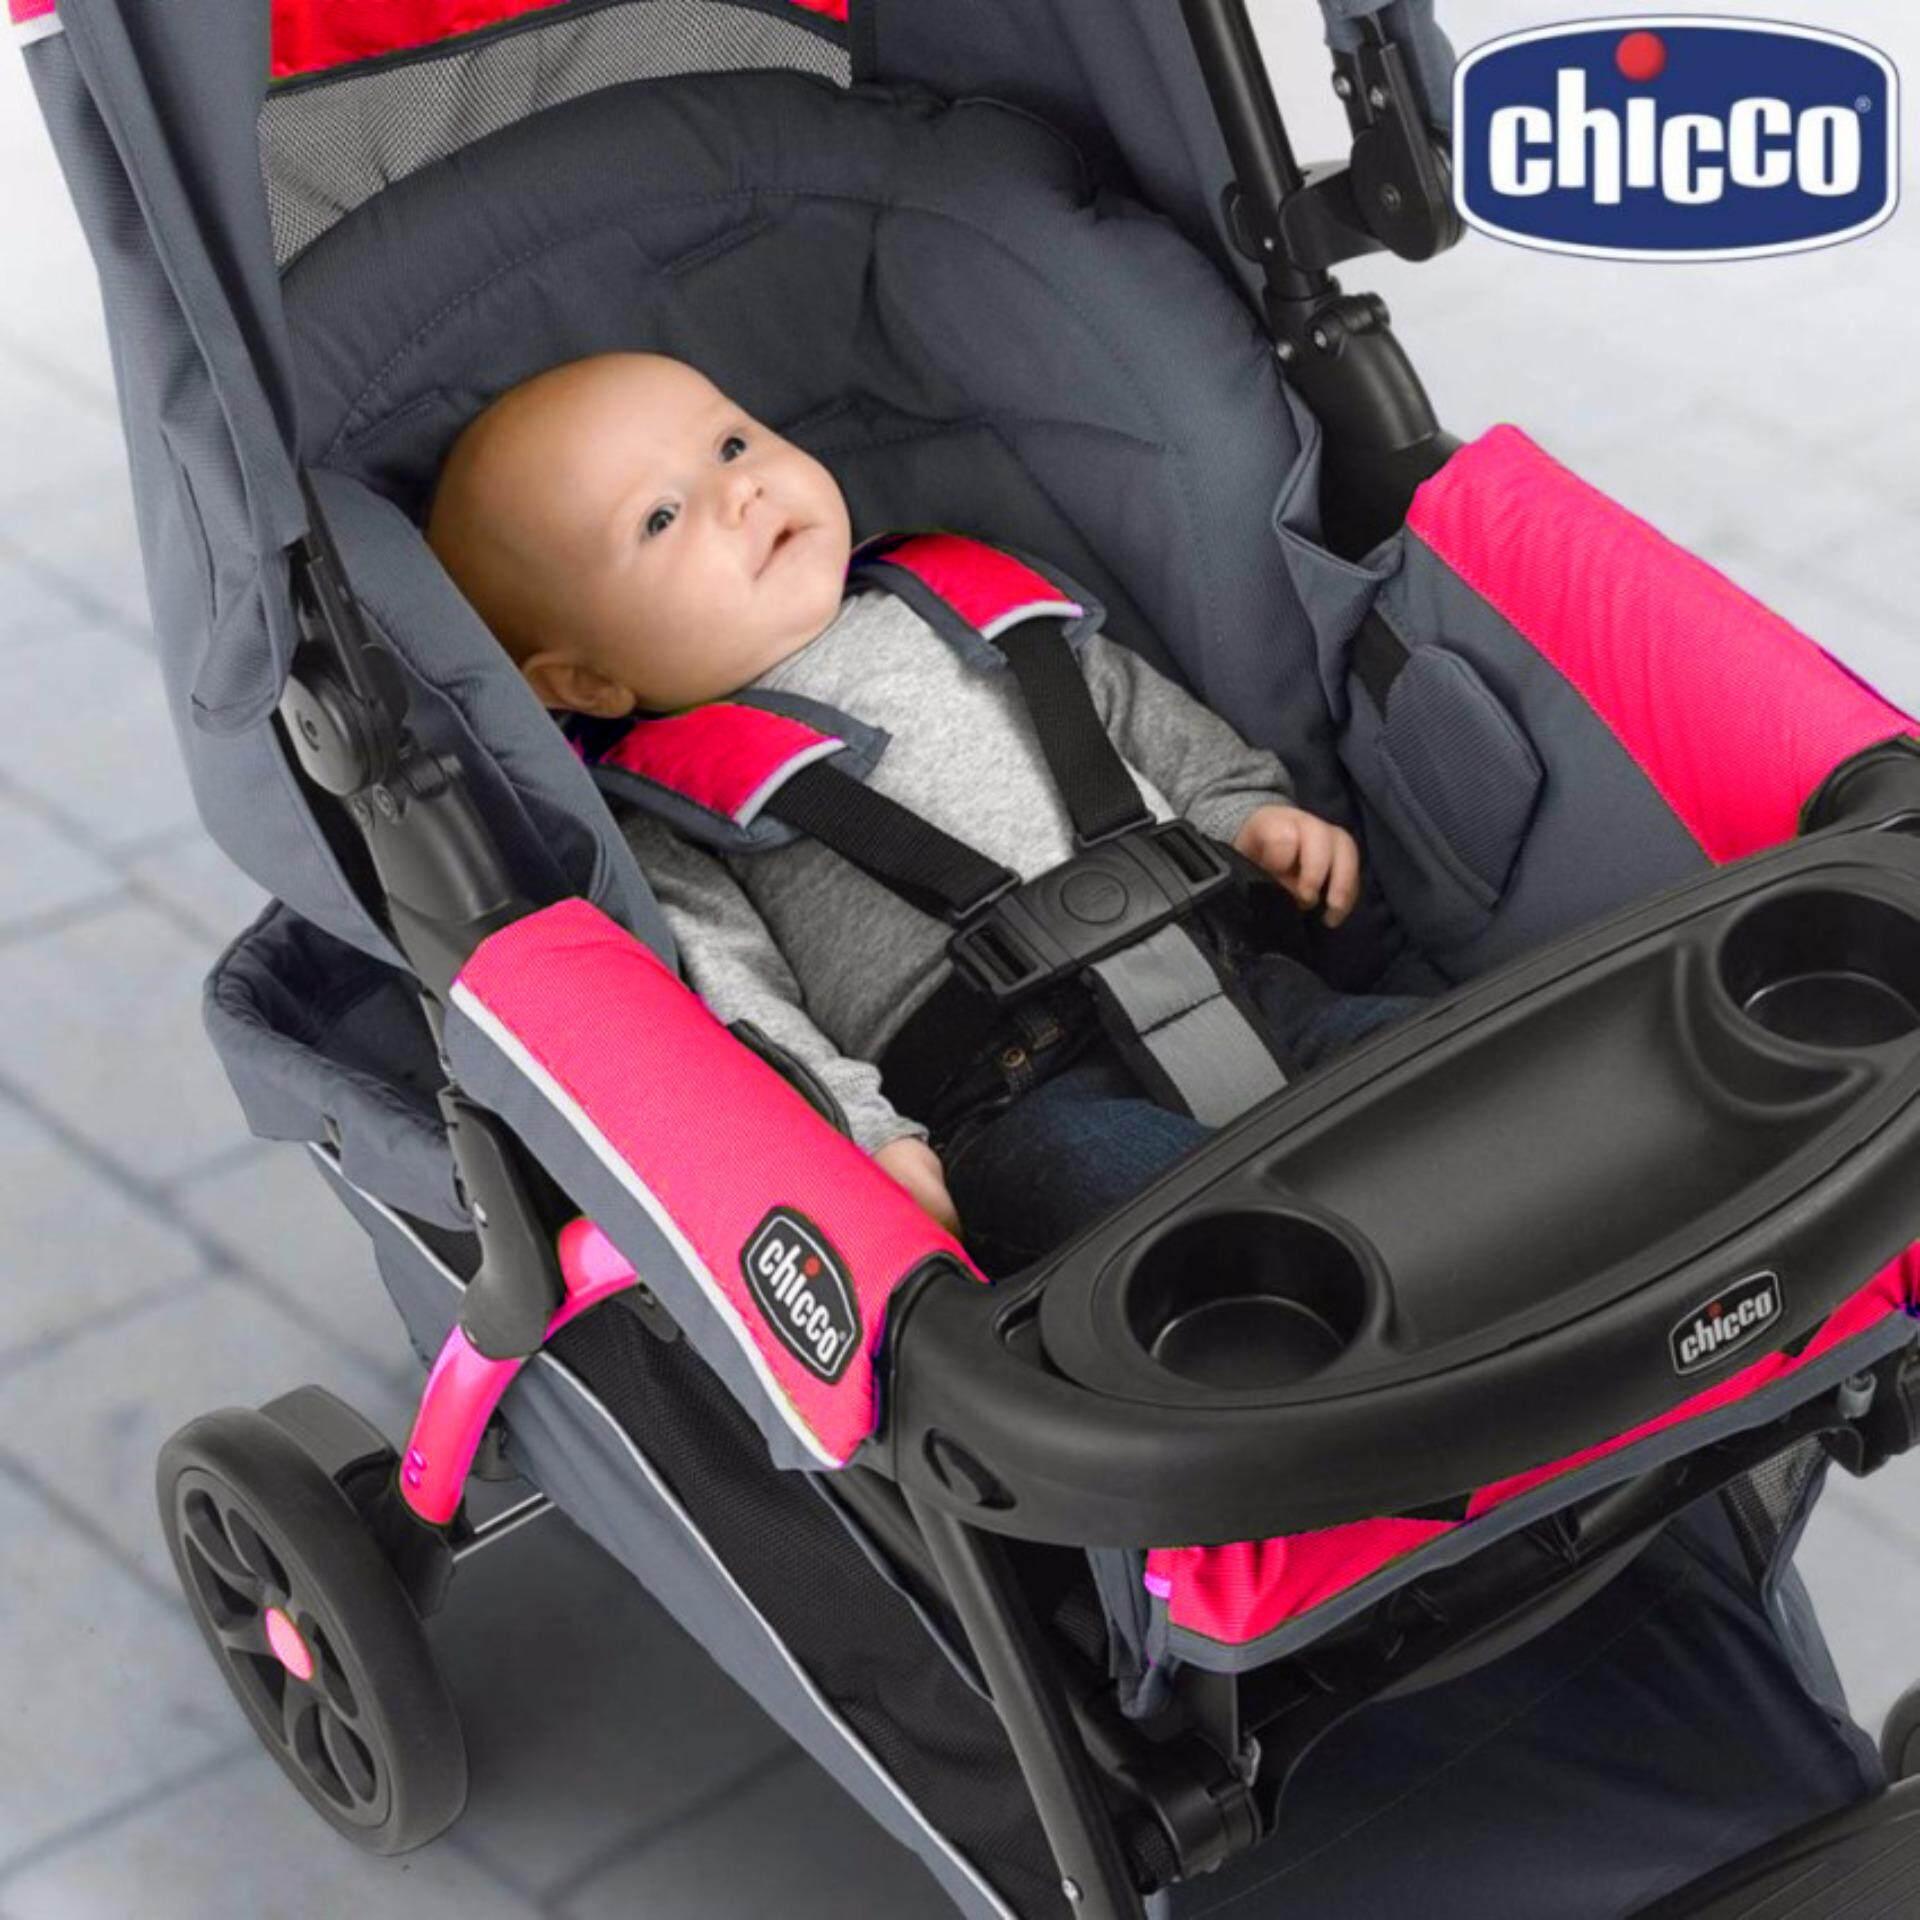 ถูกสุดๆ BolehDeals อุปกรณ์เสริมรถเข็นเด็ก BolehDeals เด็กที่คลุมรถเข็นเด็กกระเป๋าถือเดินทางสำหรับรถเข็นคนพิการสีเทา - INTL มีรับประกัน